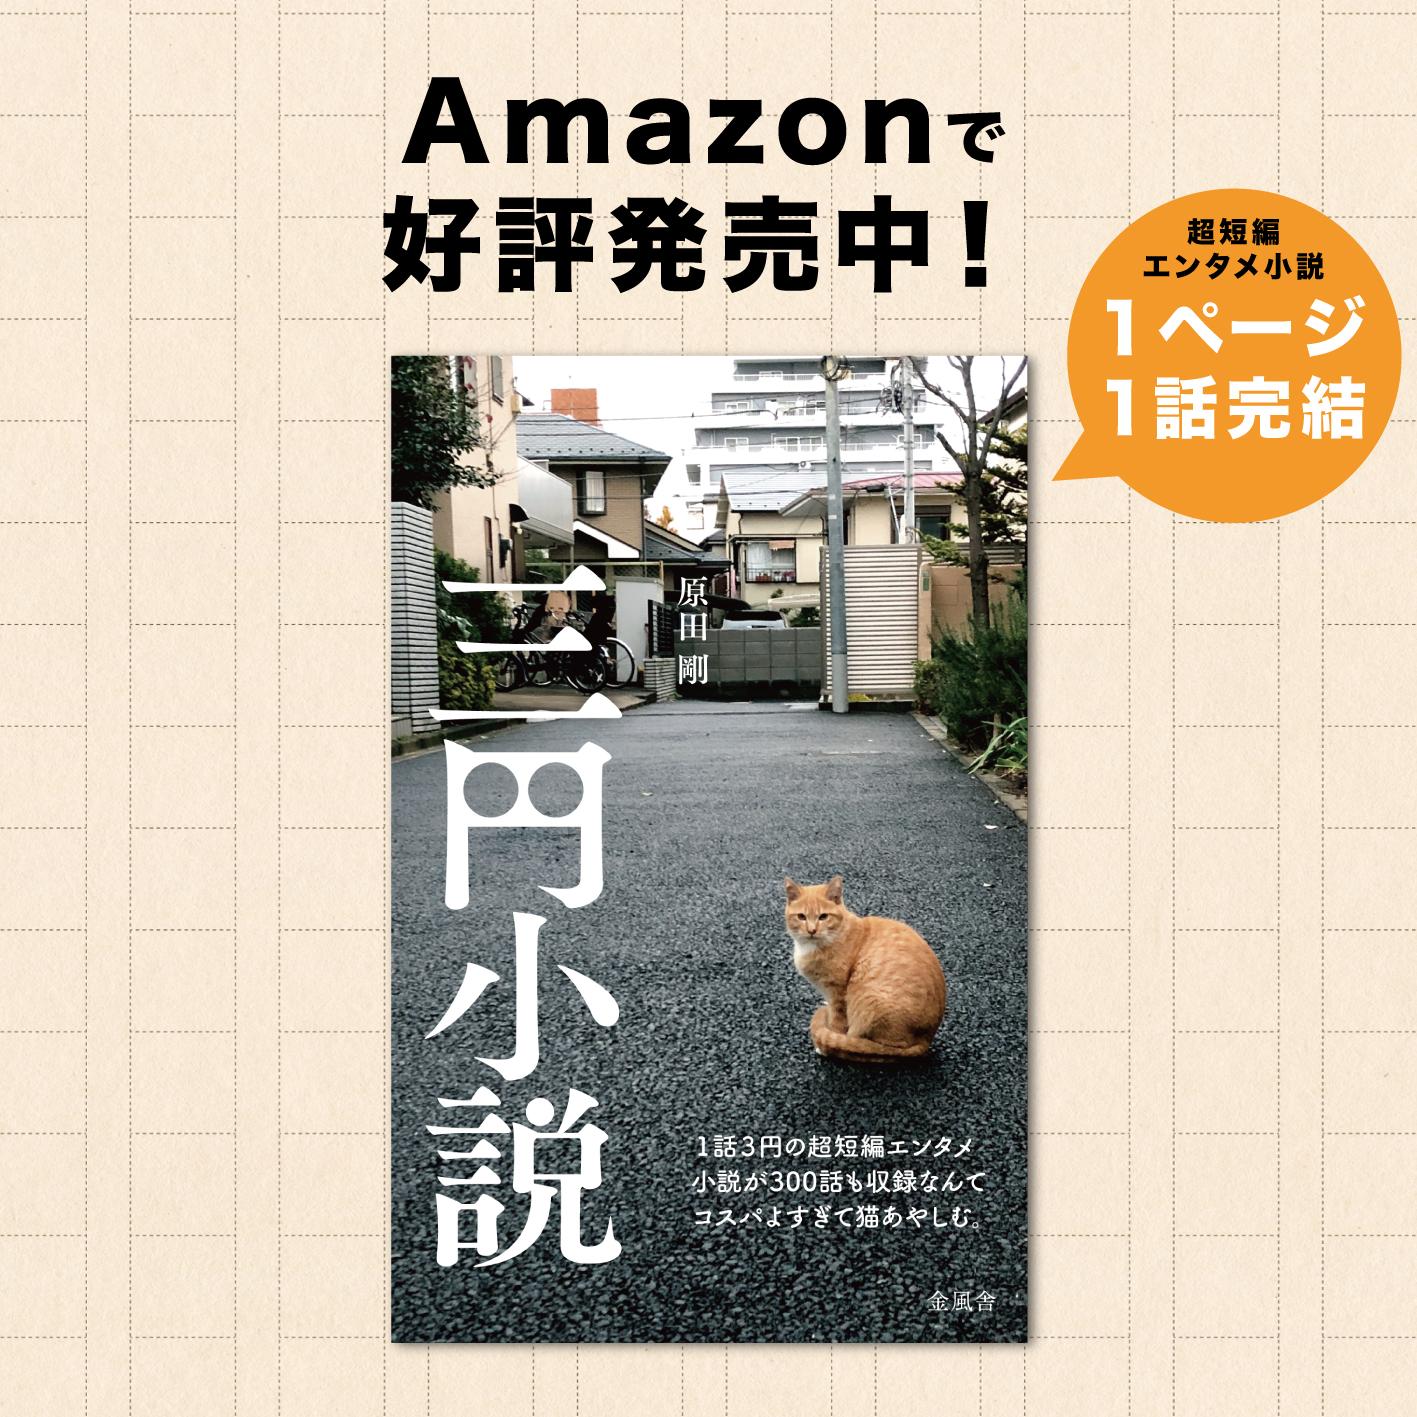 Amazonで好評発売中!三円小説